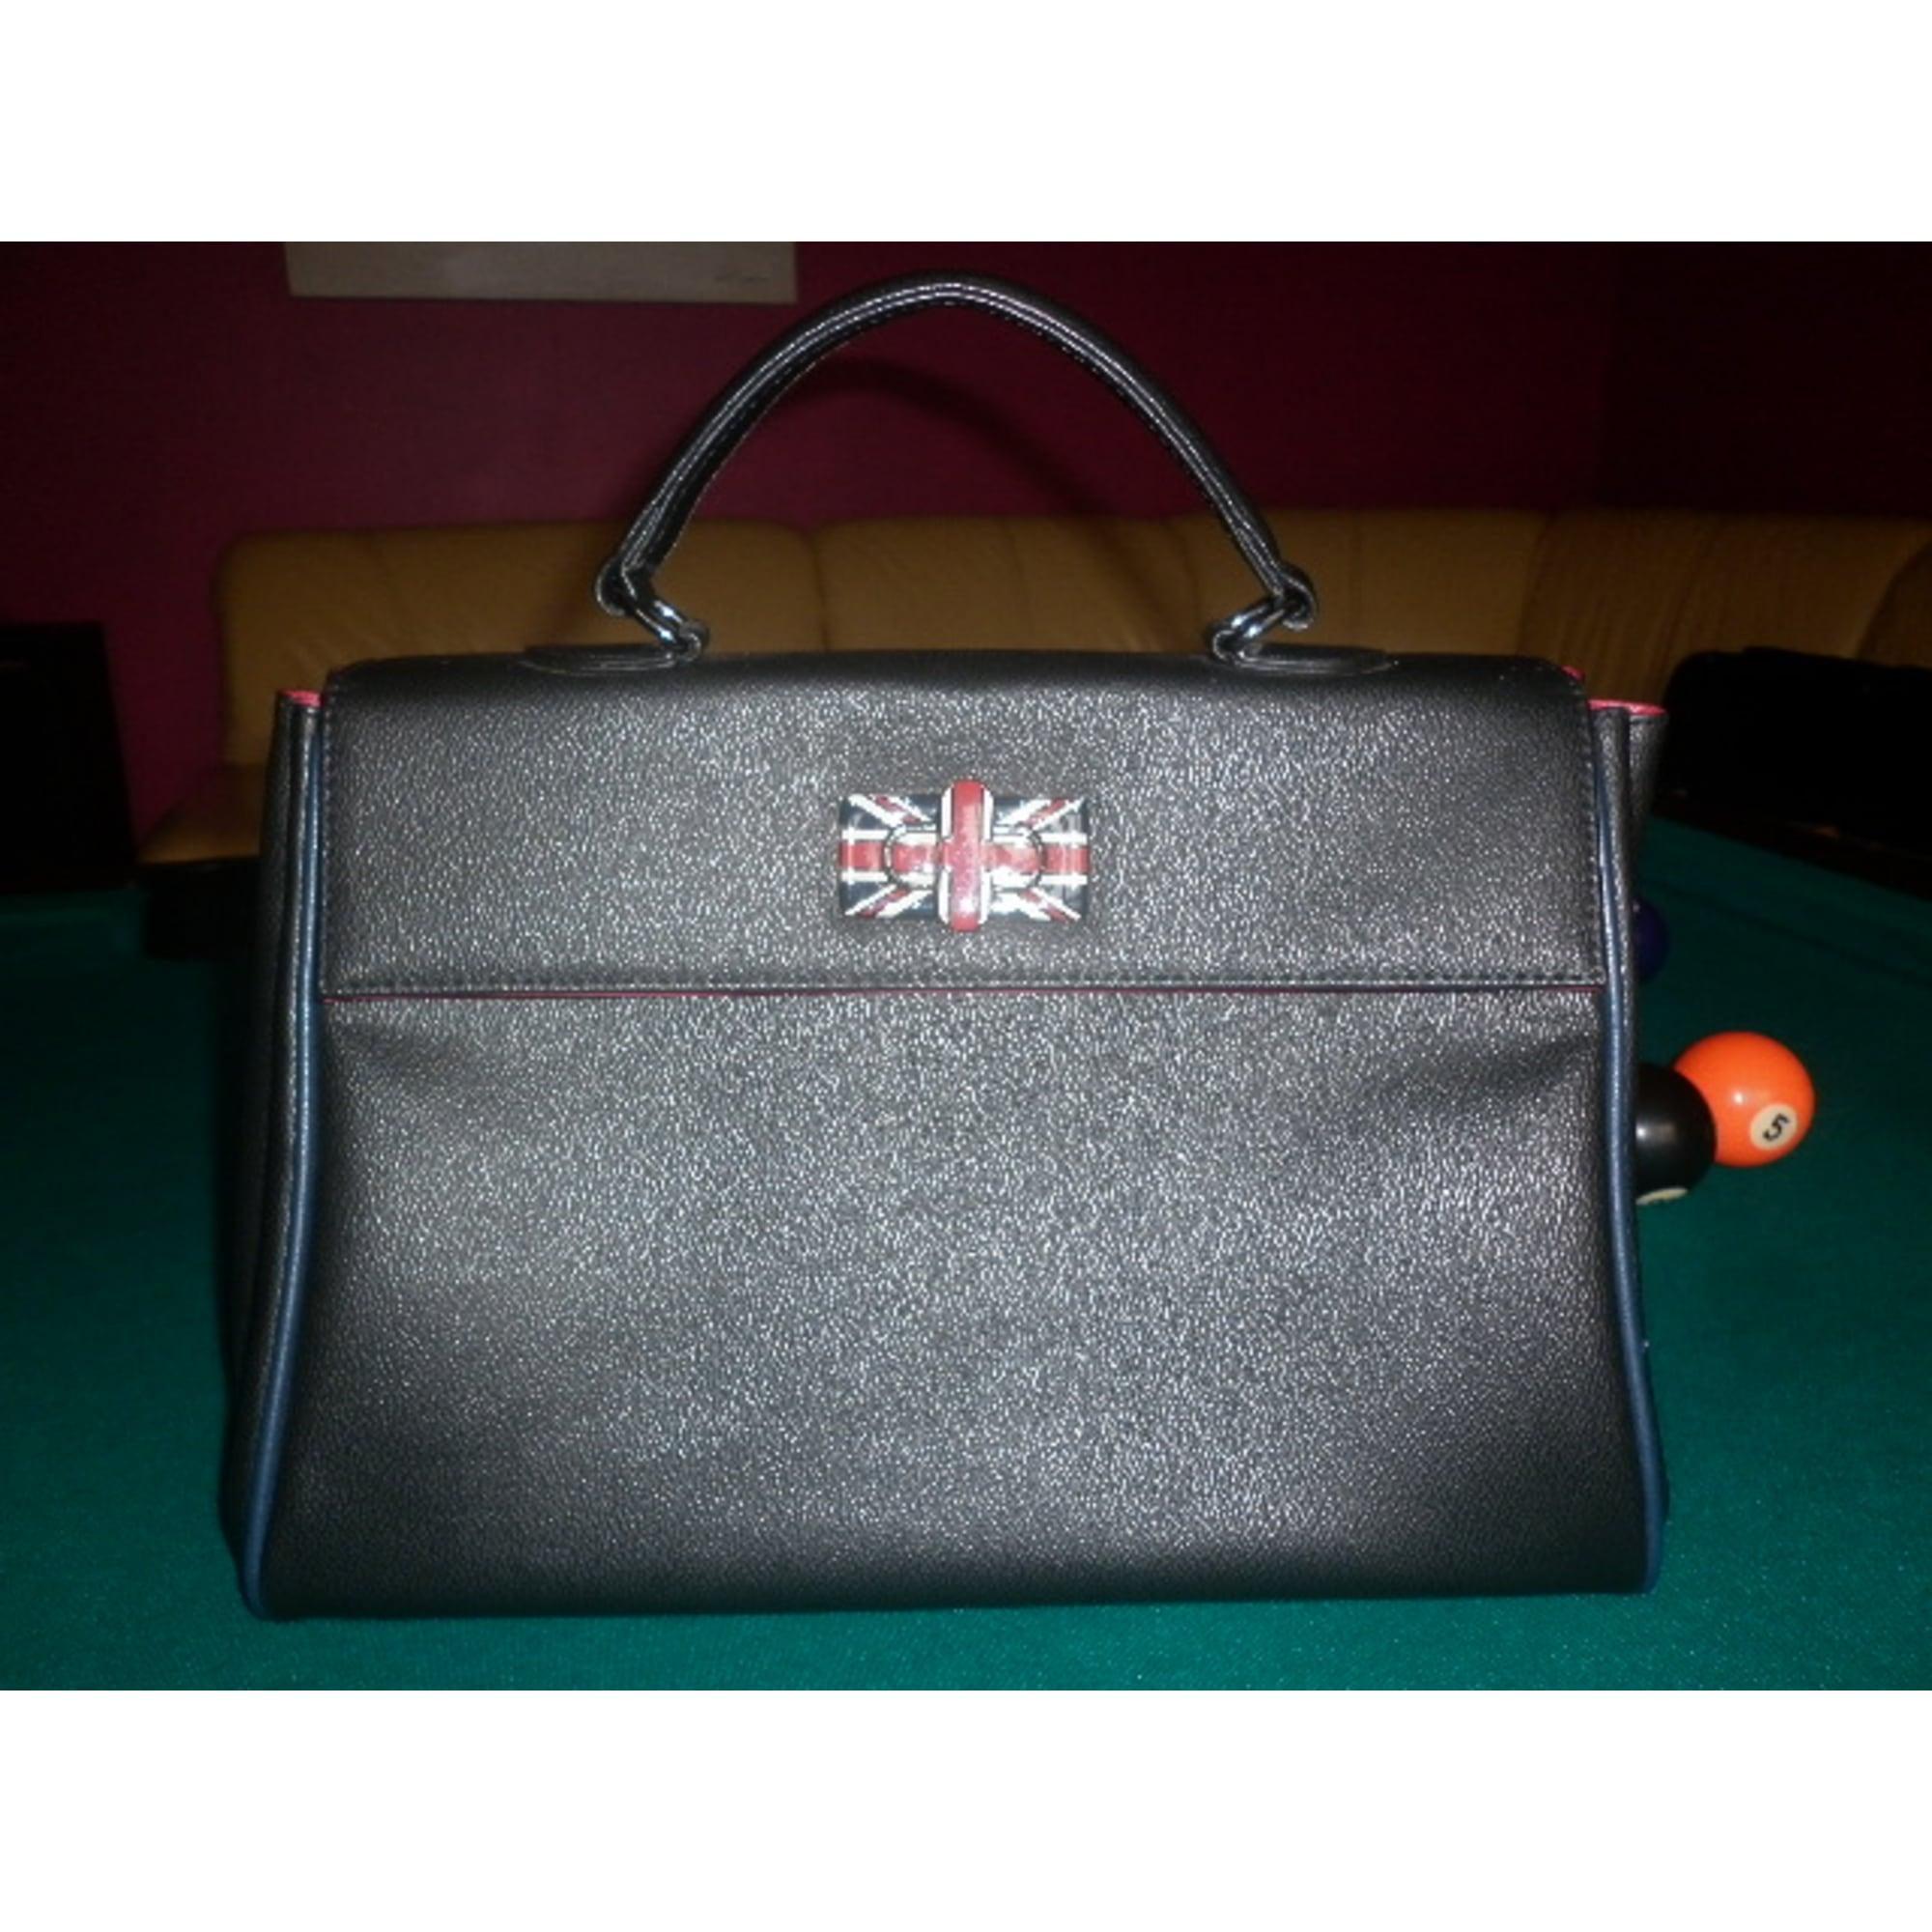 7807ca6d37 Sac à main en cuir MINI COOPER noir vendu par Zaz 24484967 - 2215925